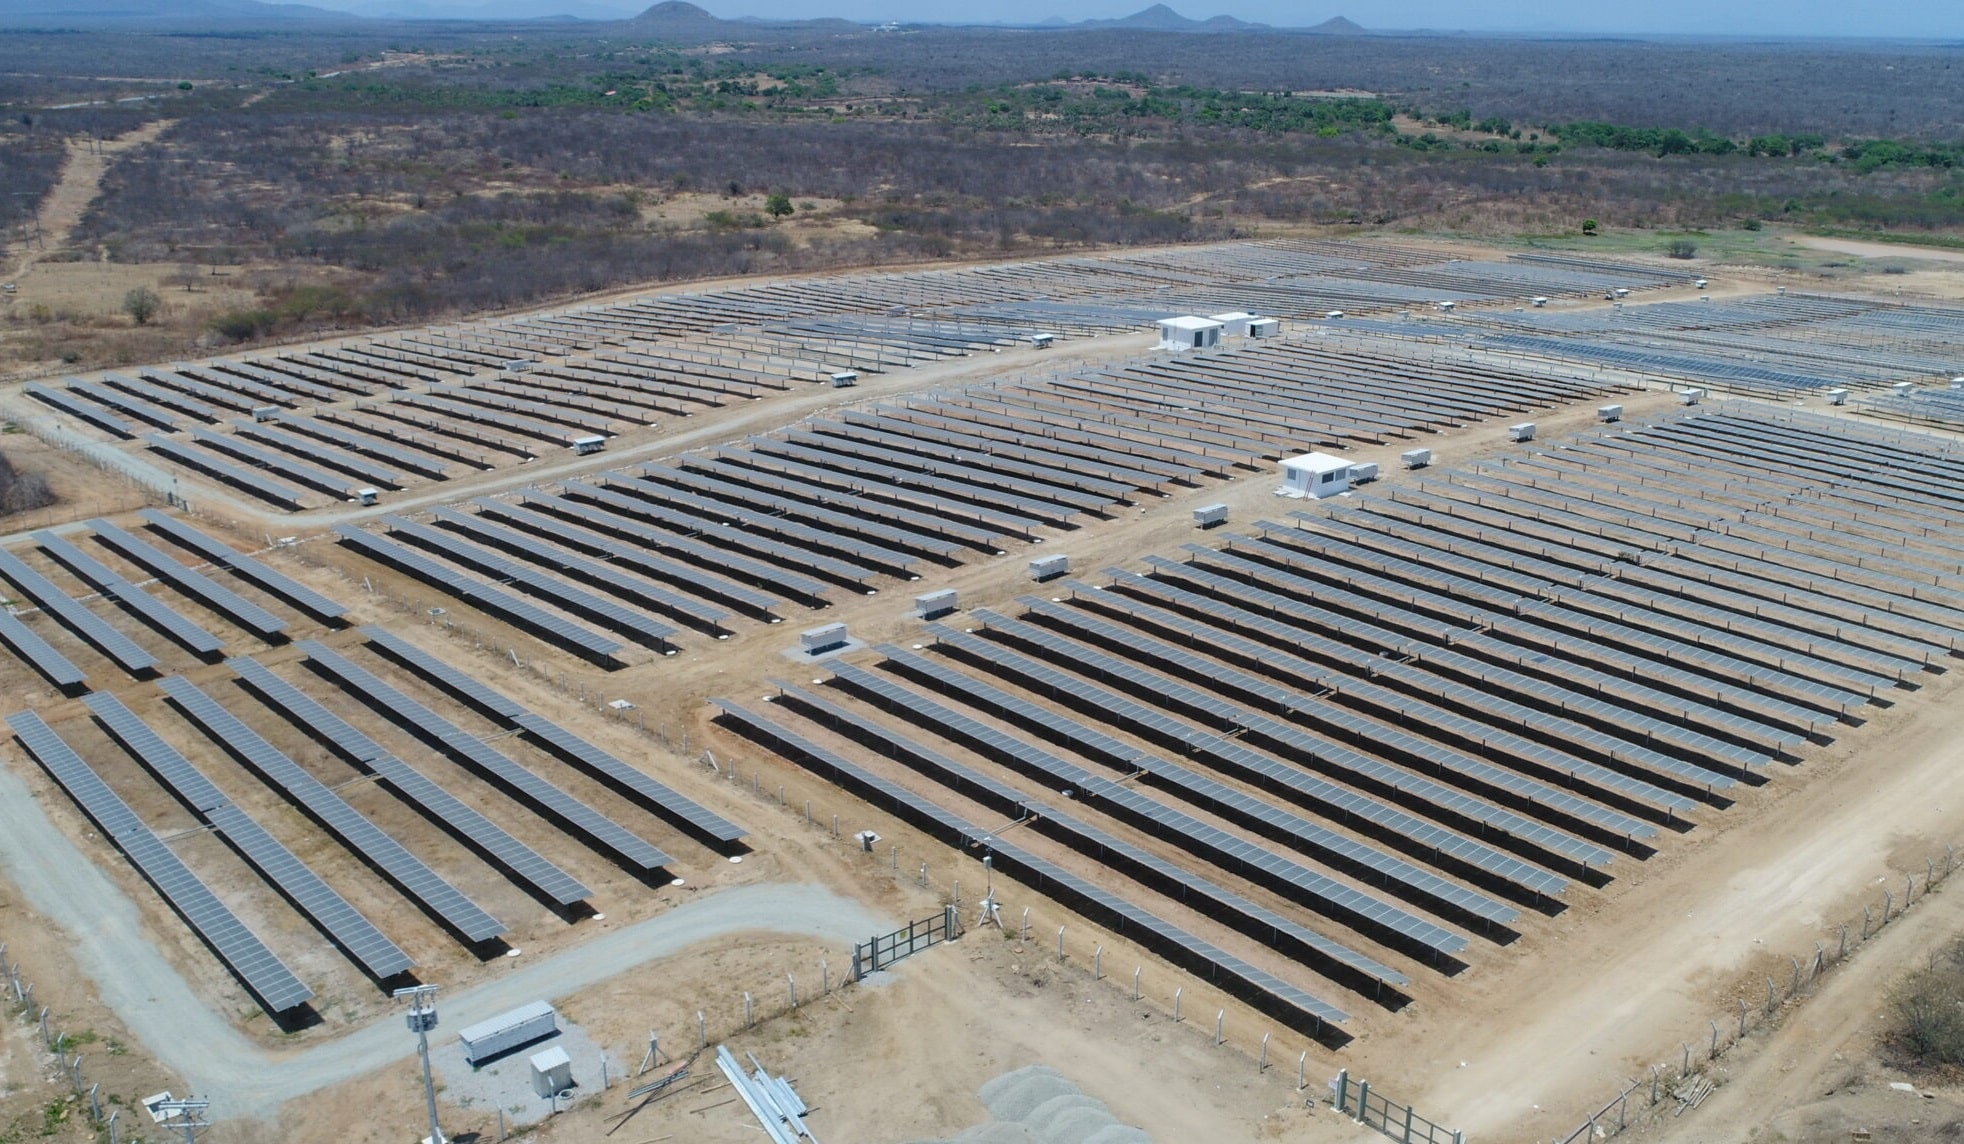 Tim energia energia solar usina solar